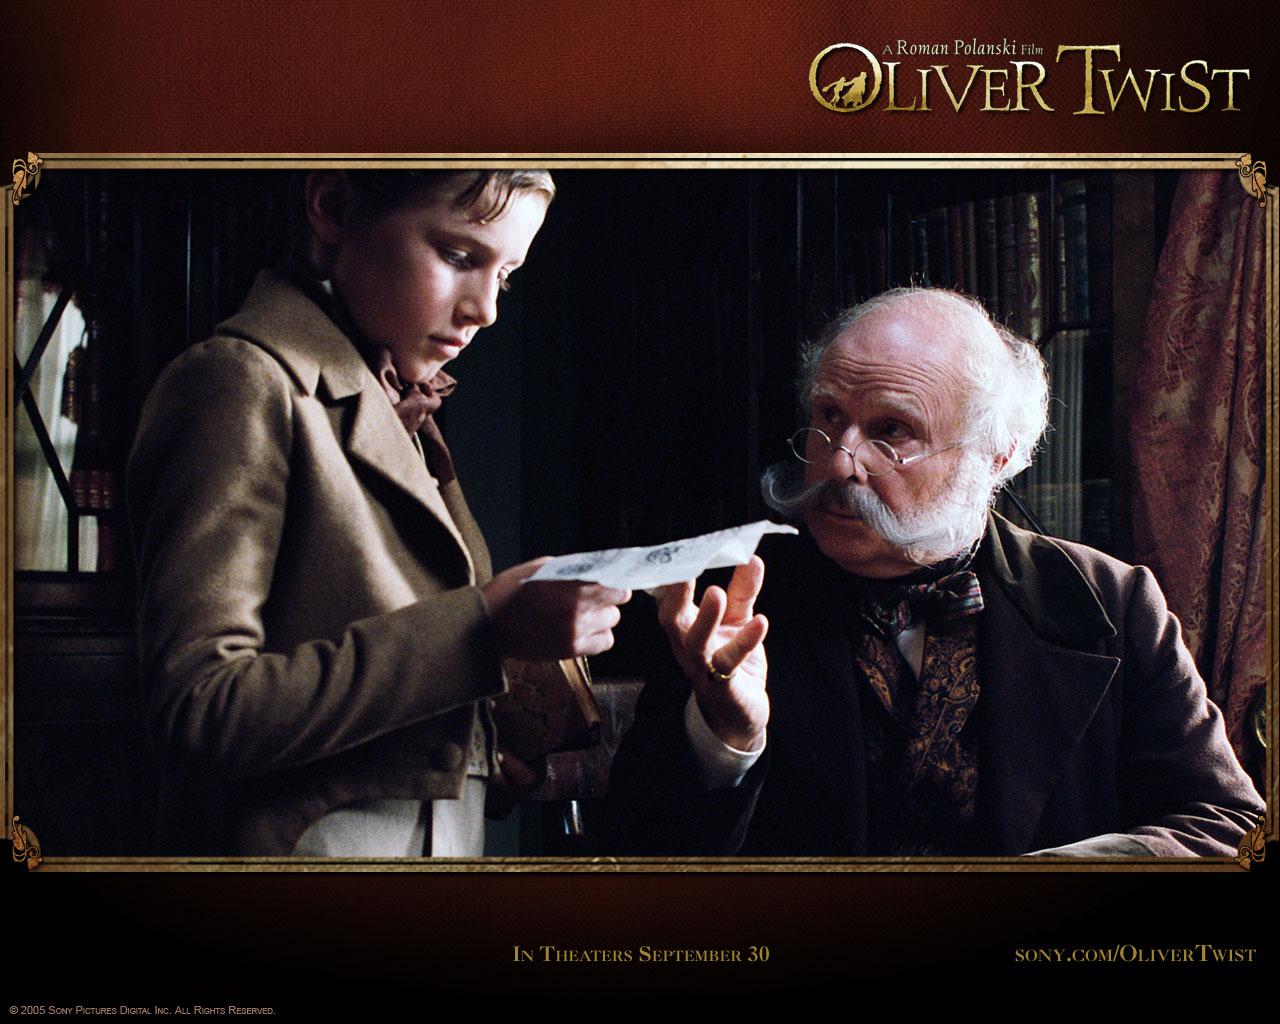 Download Oliver Twist Wallpaper 1280x1024 Wallpoper 141847 1280x1024